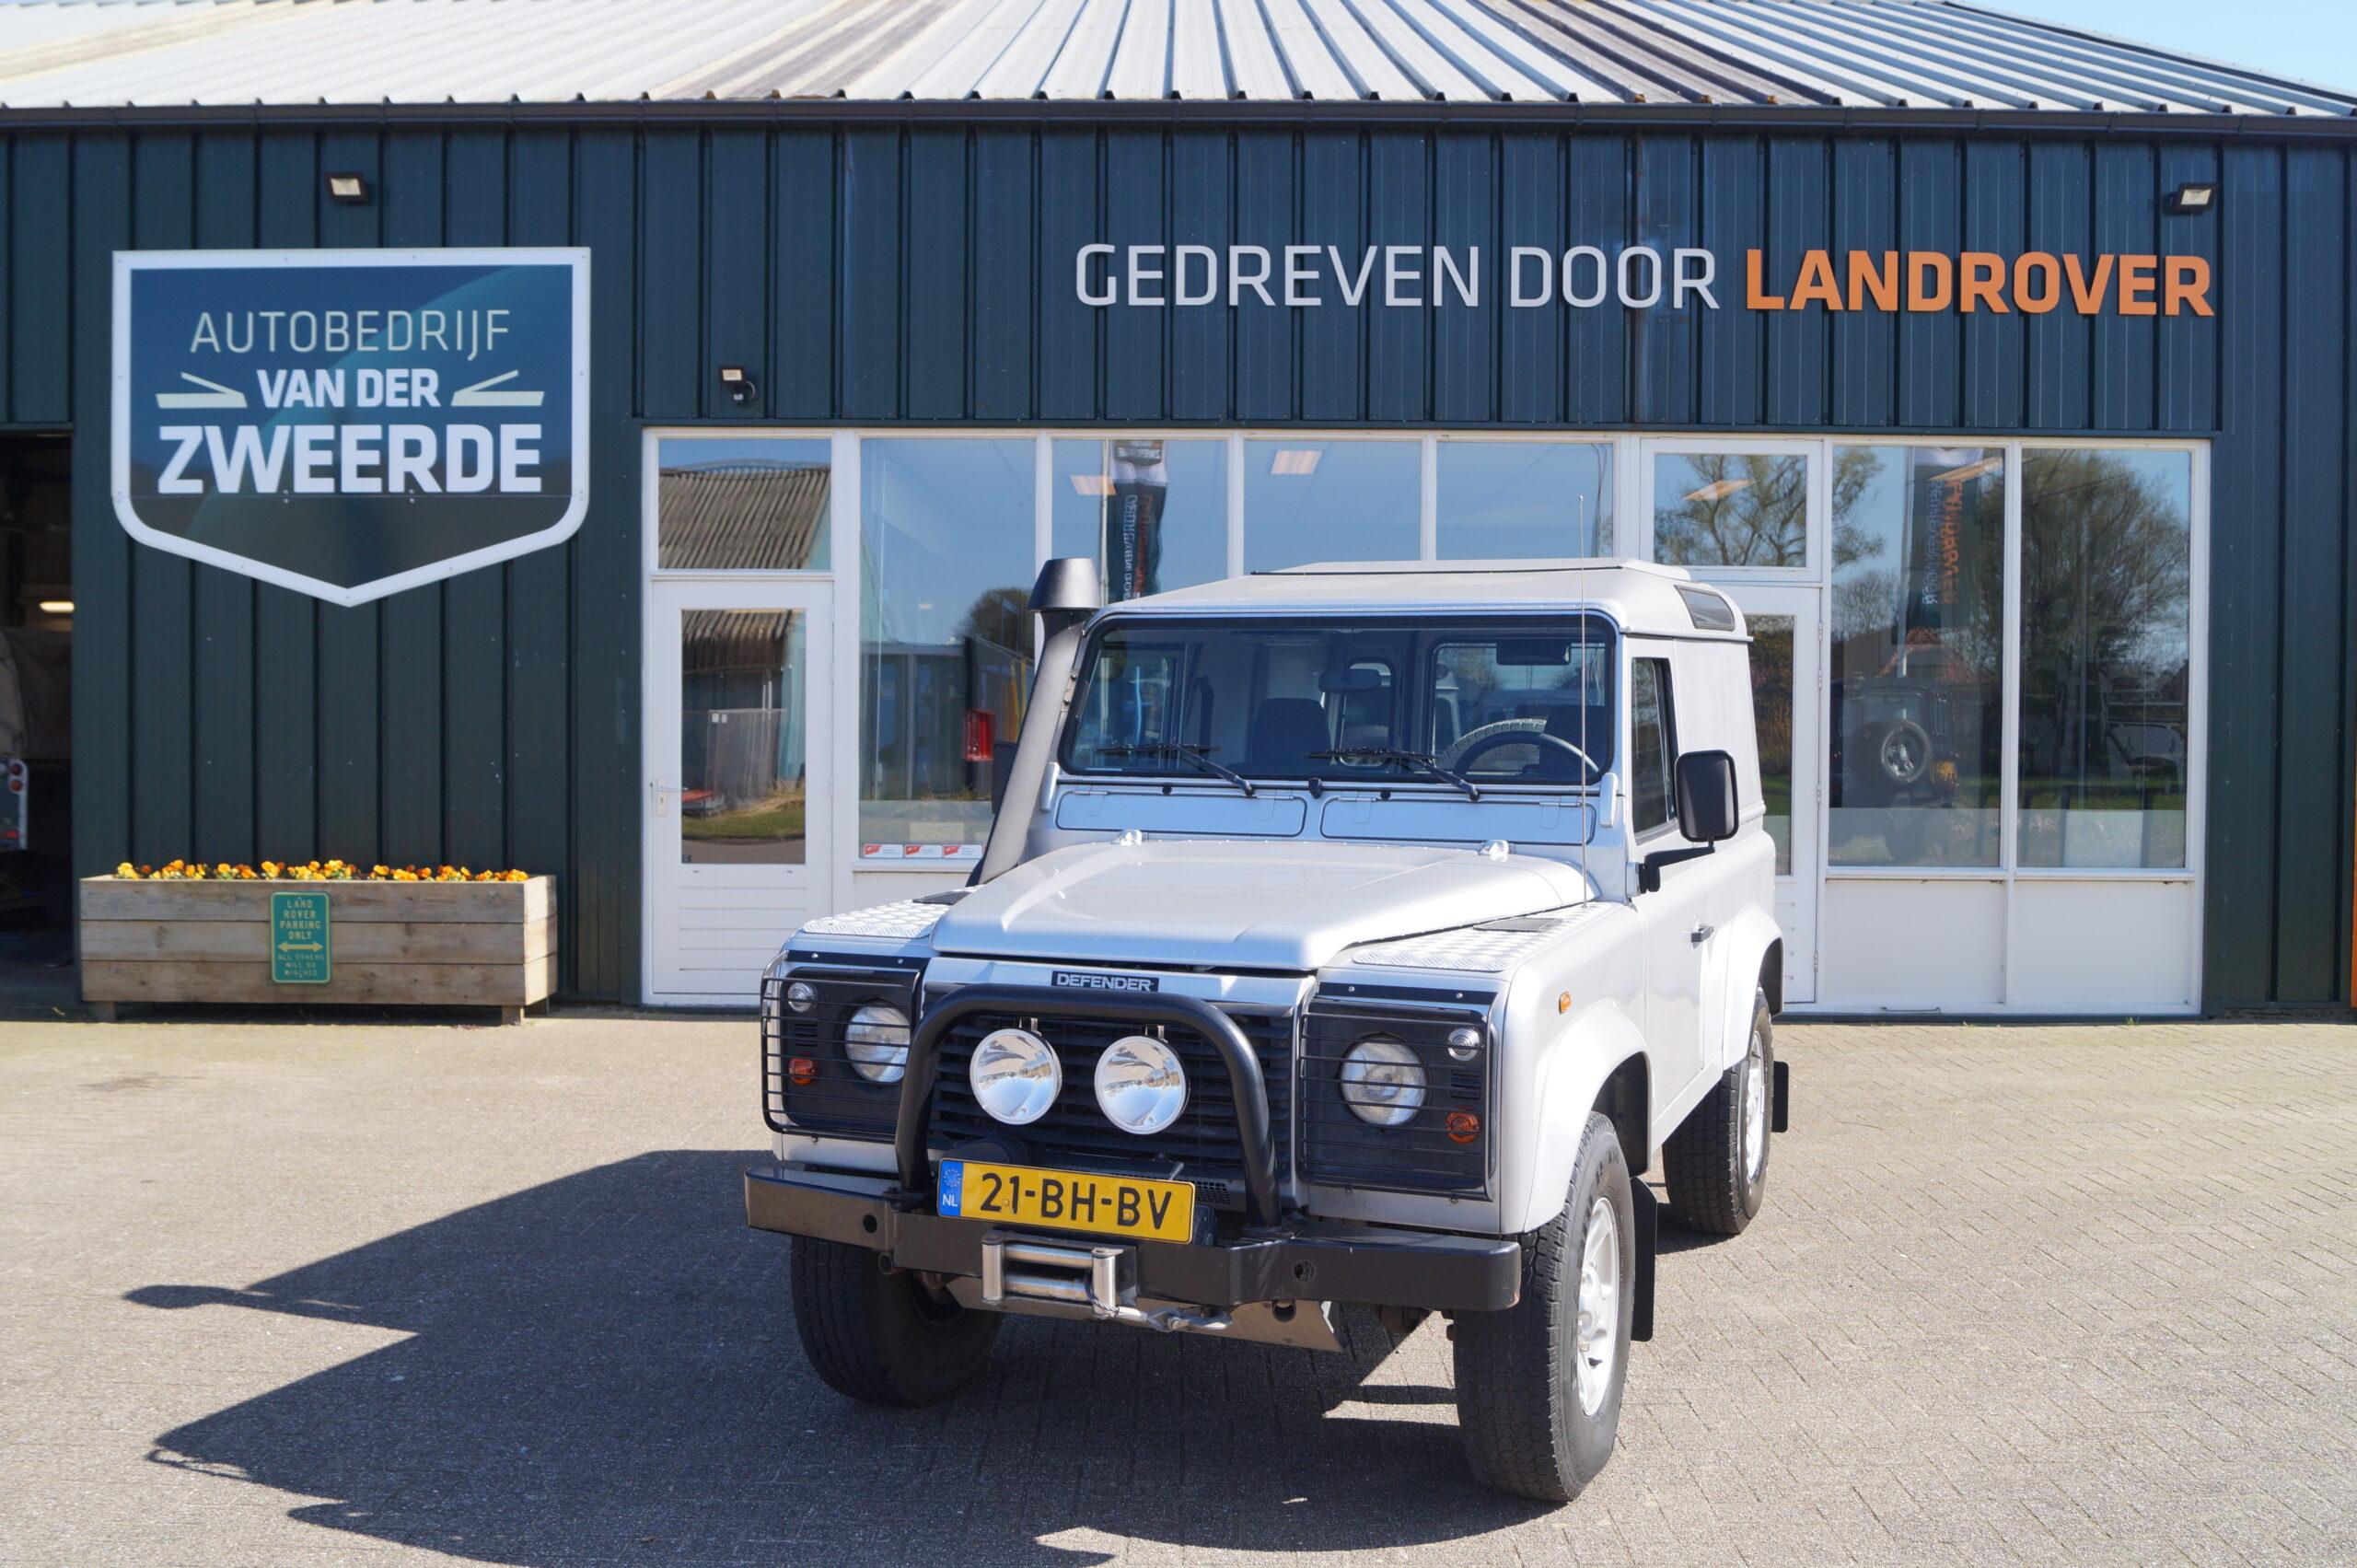 Auto bedrijf van der Zweerde uw Land en Range Rover specialist